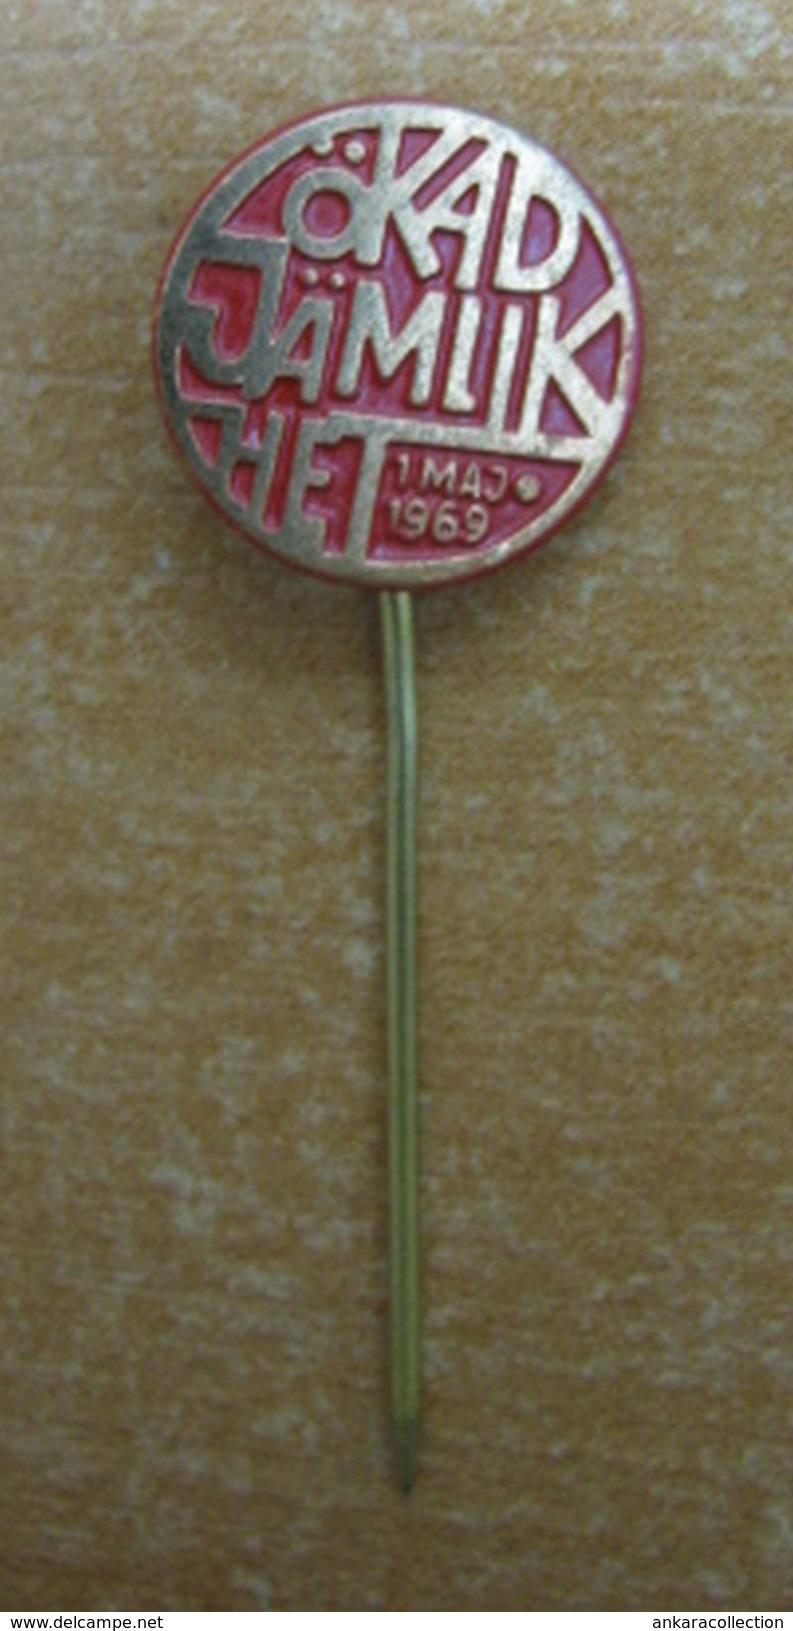 AC - SWEDISH PIN - BADGE 1969 - Tiro Con L'Arco